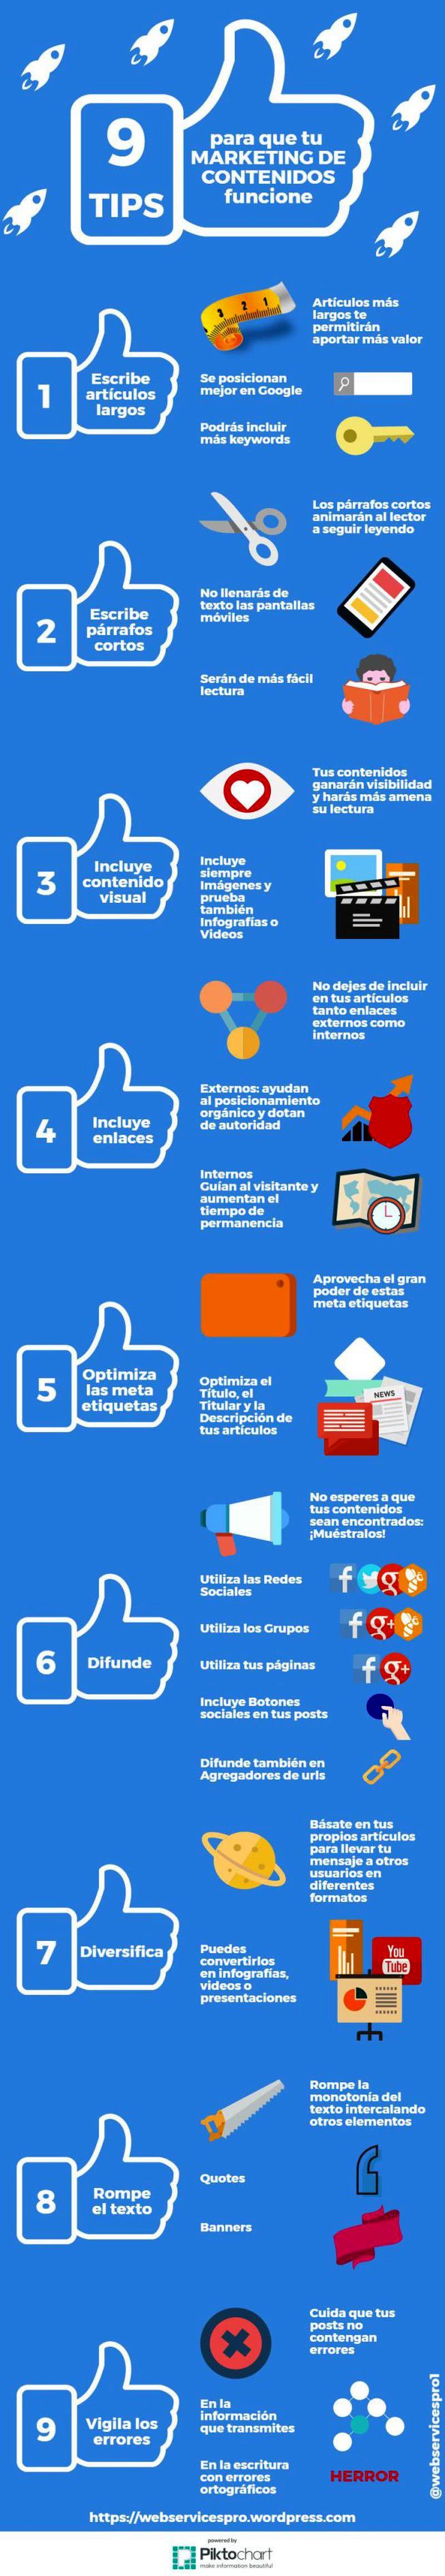 9 consejos para Marketing de Contenidos efectivo y con resultados